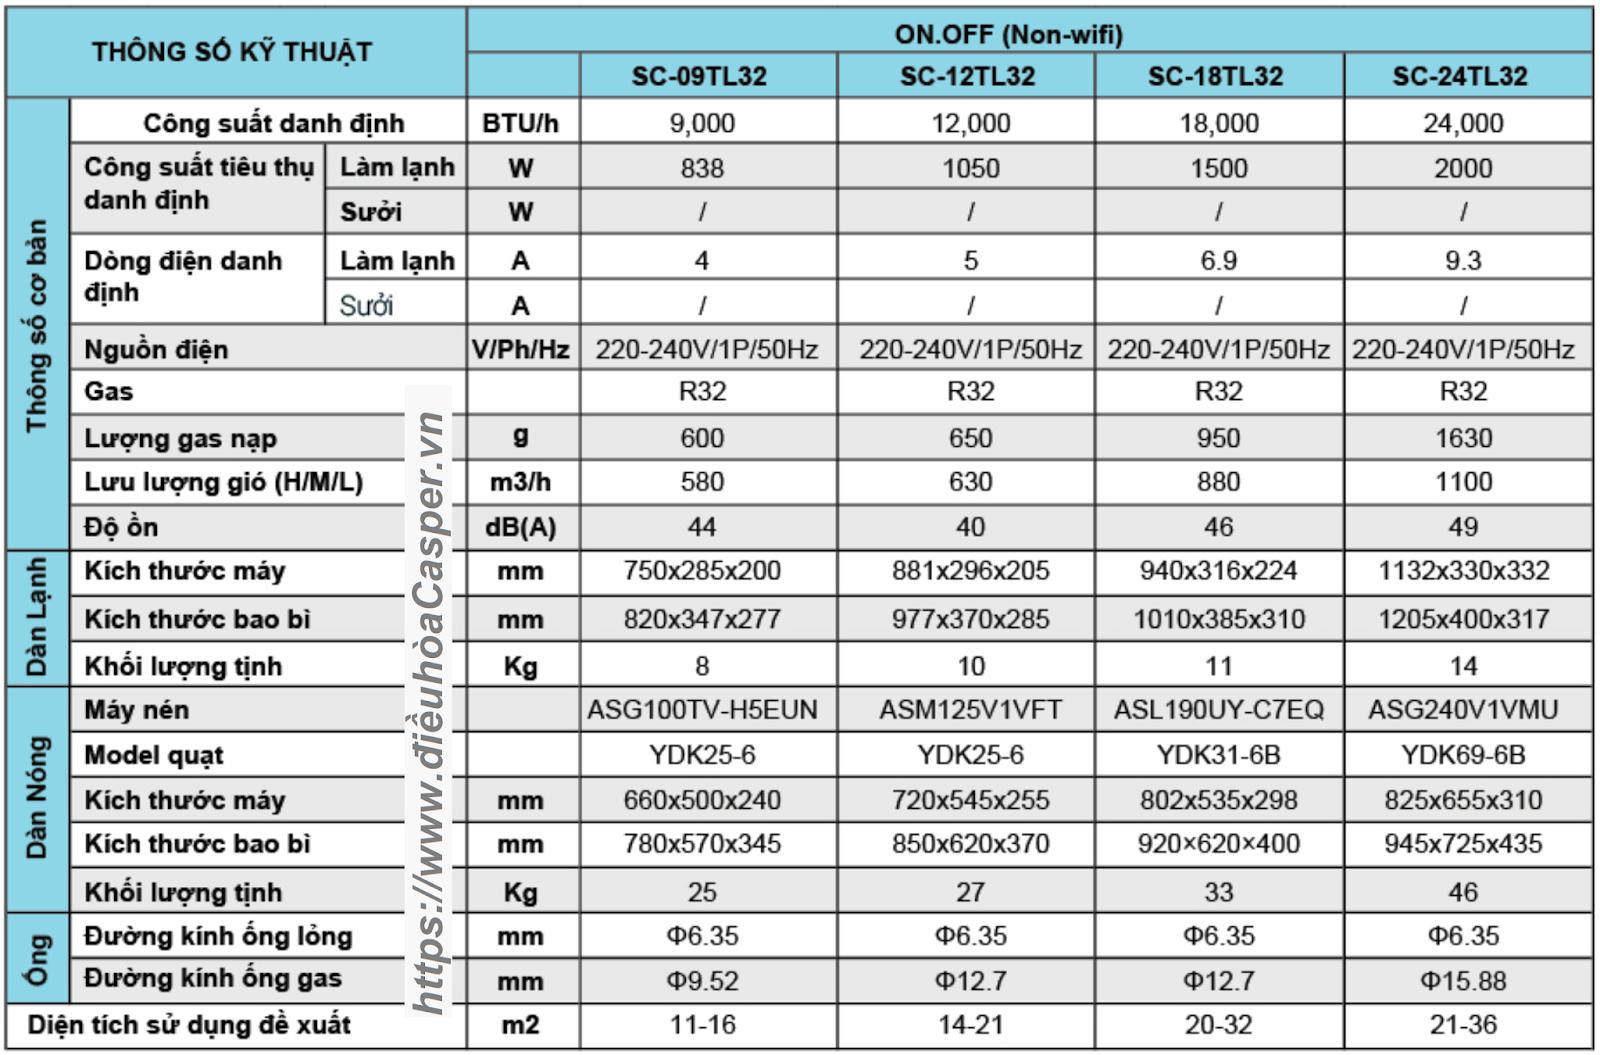 THÔNG SỐ KỸ THUẬT ĐIỀU HÒA CASPER 24000BTU 1 CHIỀU SC-24TL32